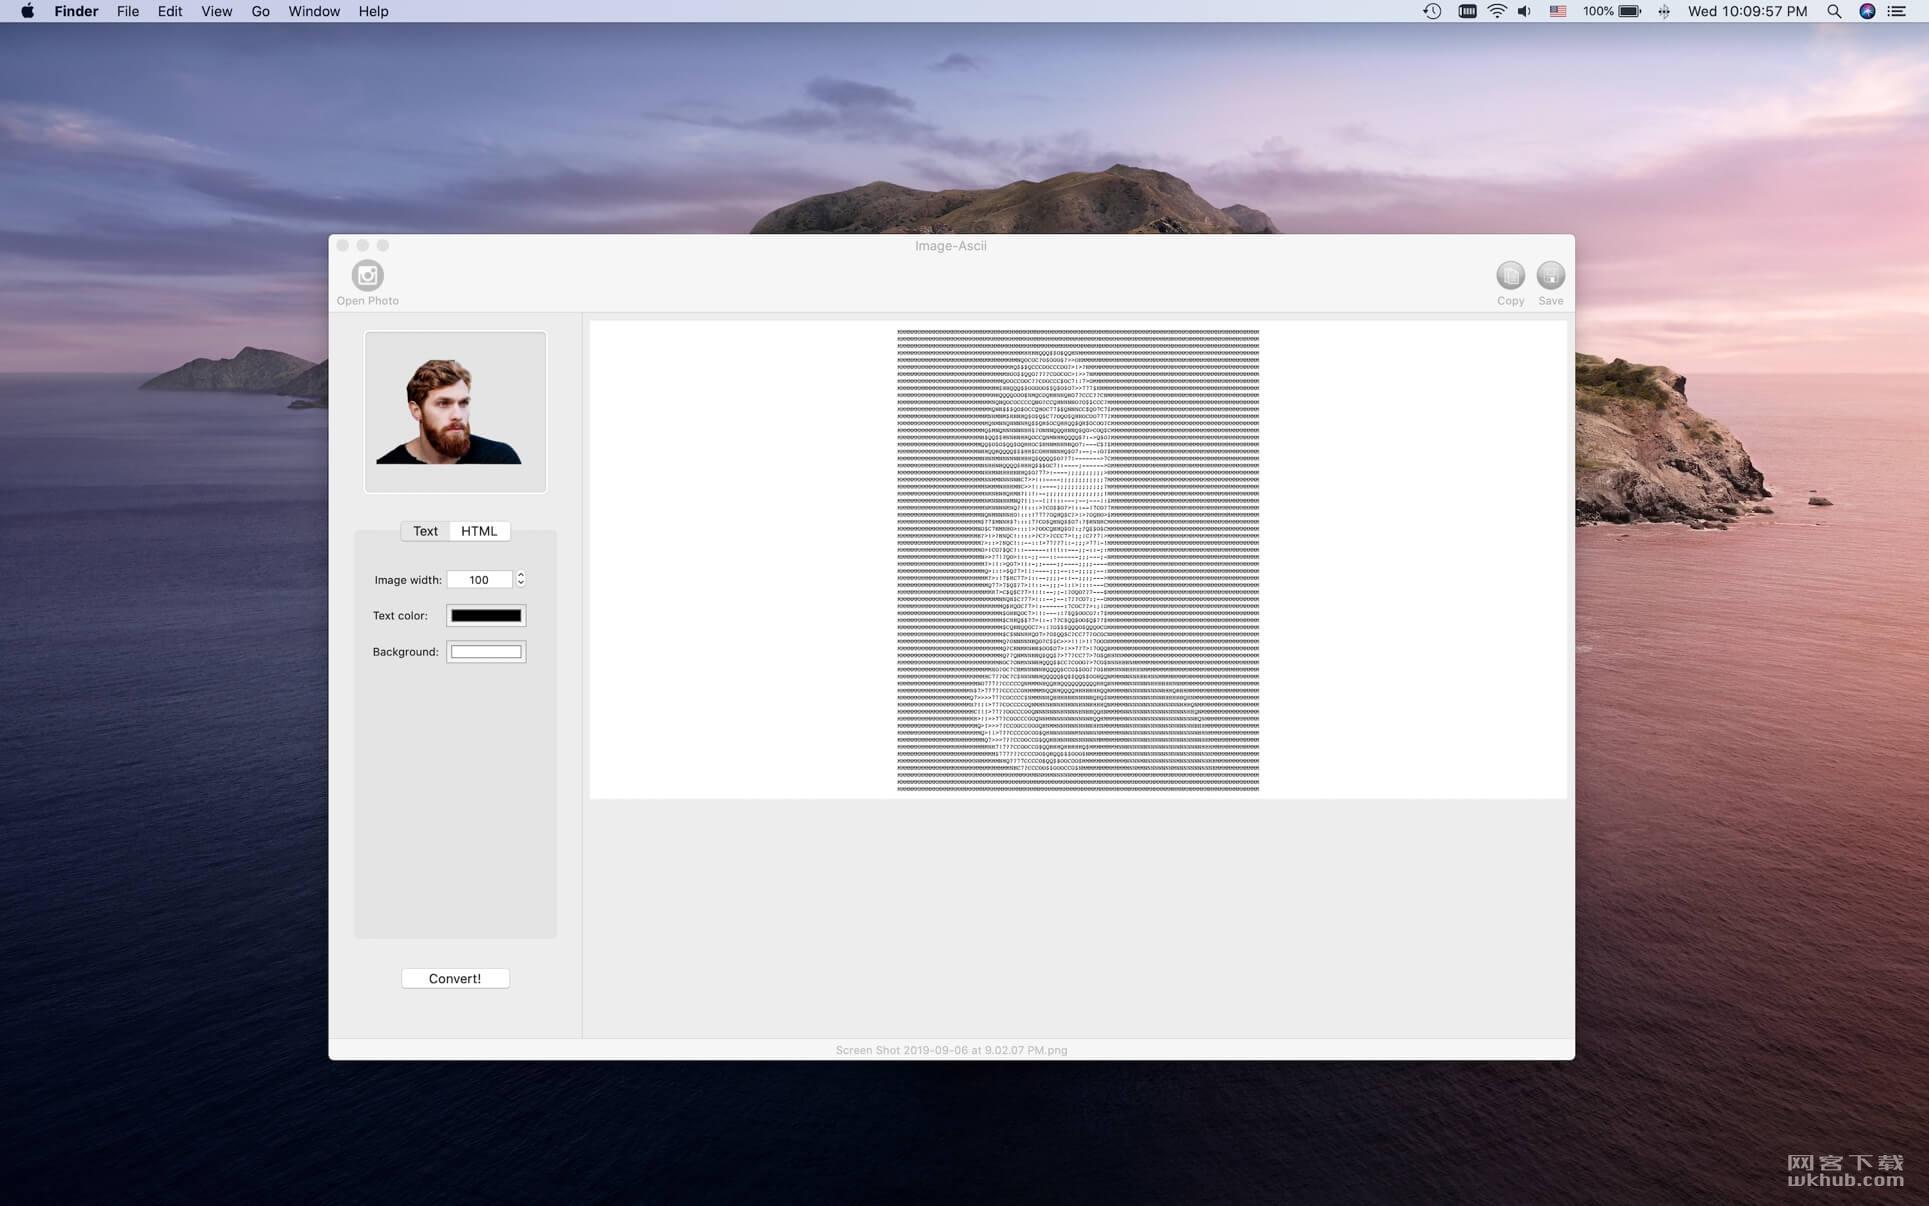 Image-Ascii 2.3 图片转字符画工具